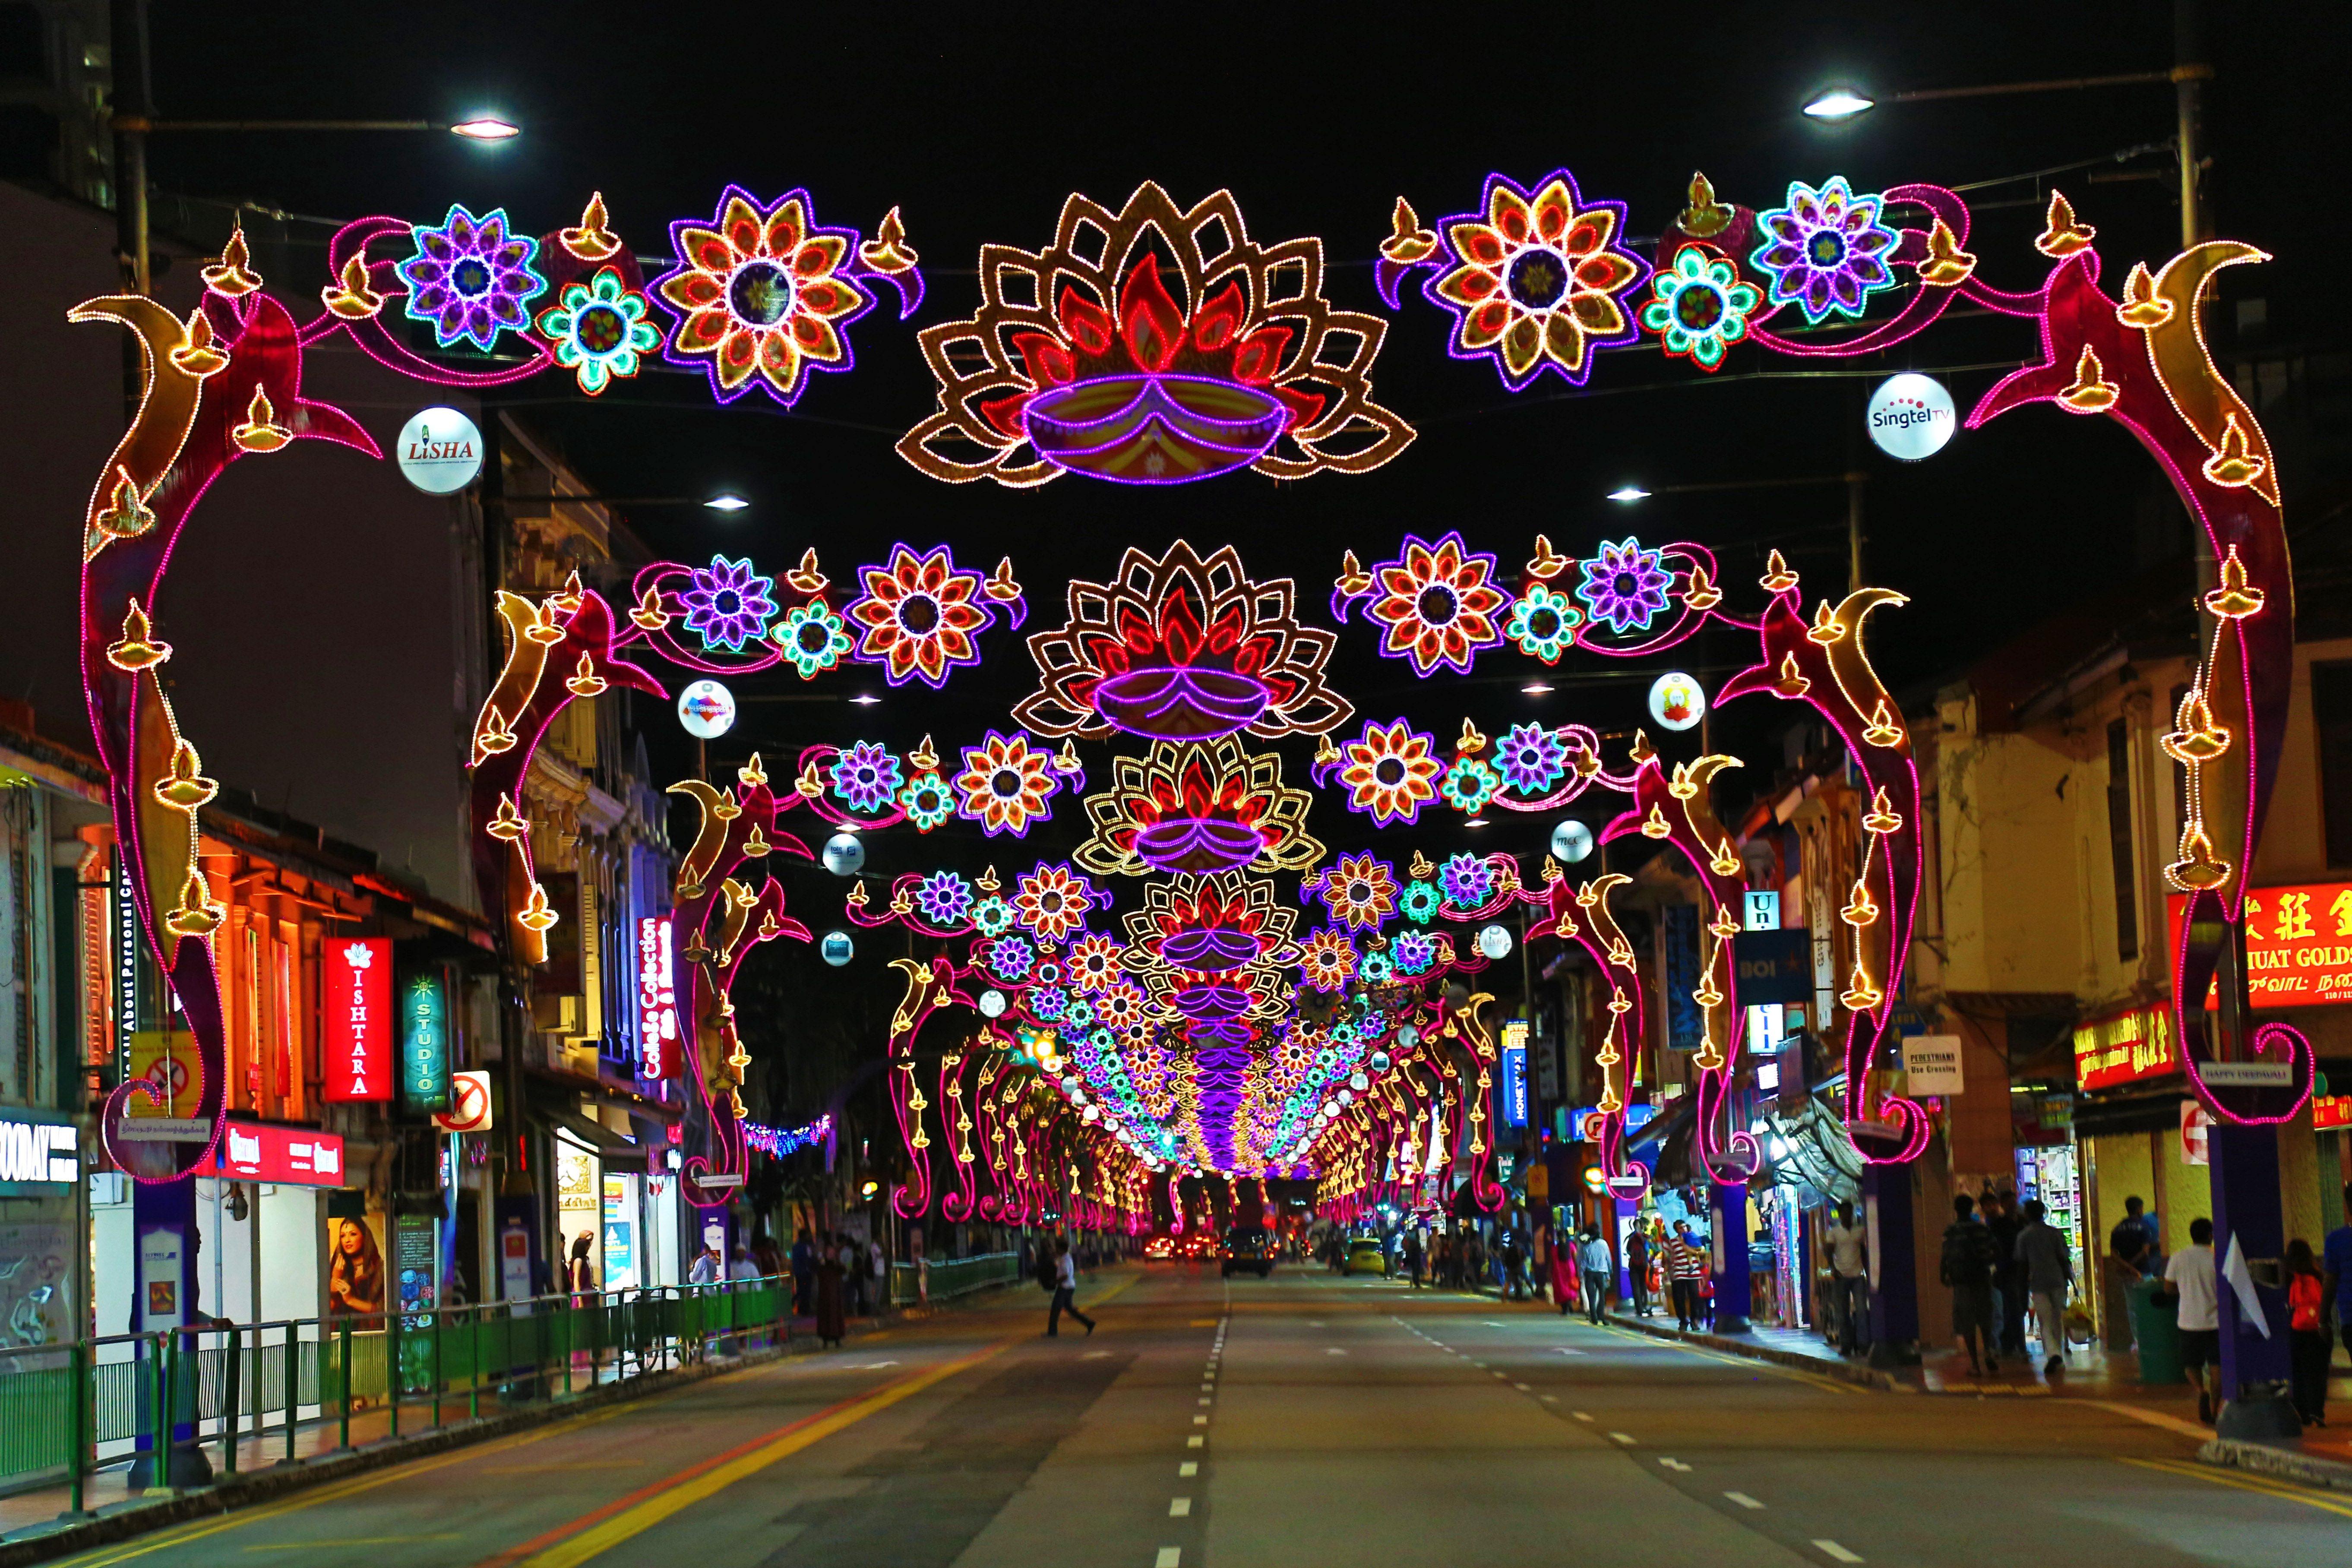 Singapore - Nov 2015